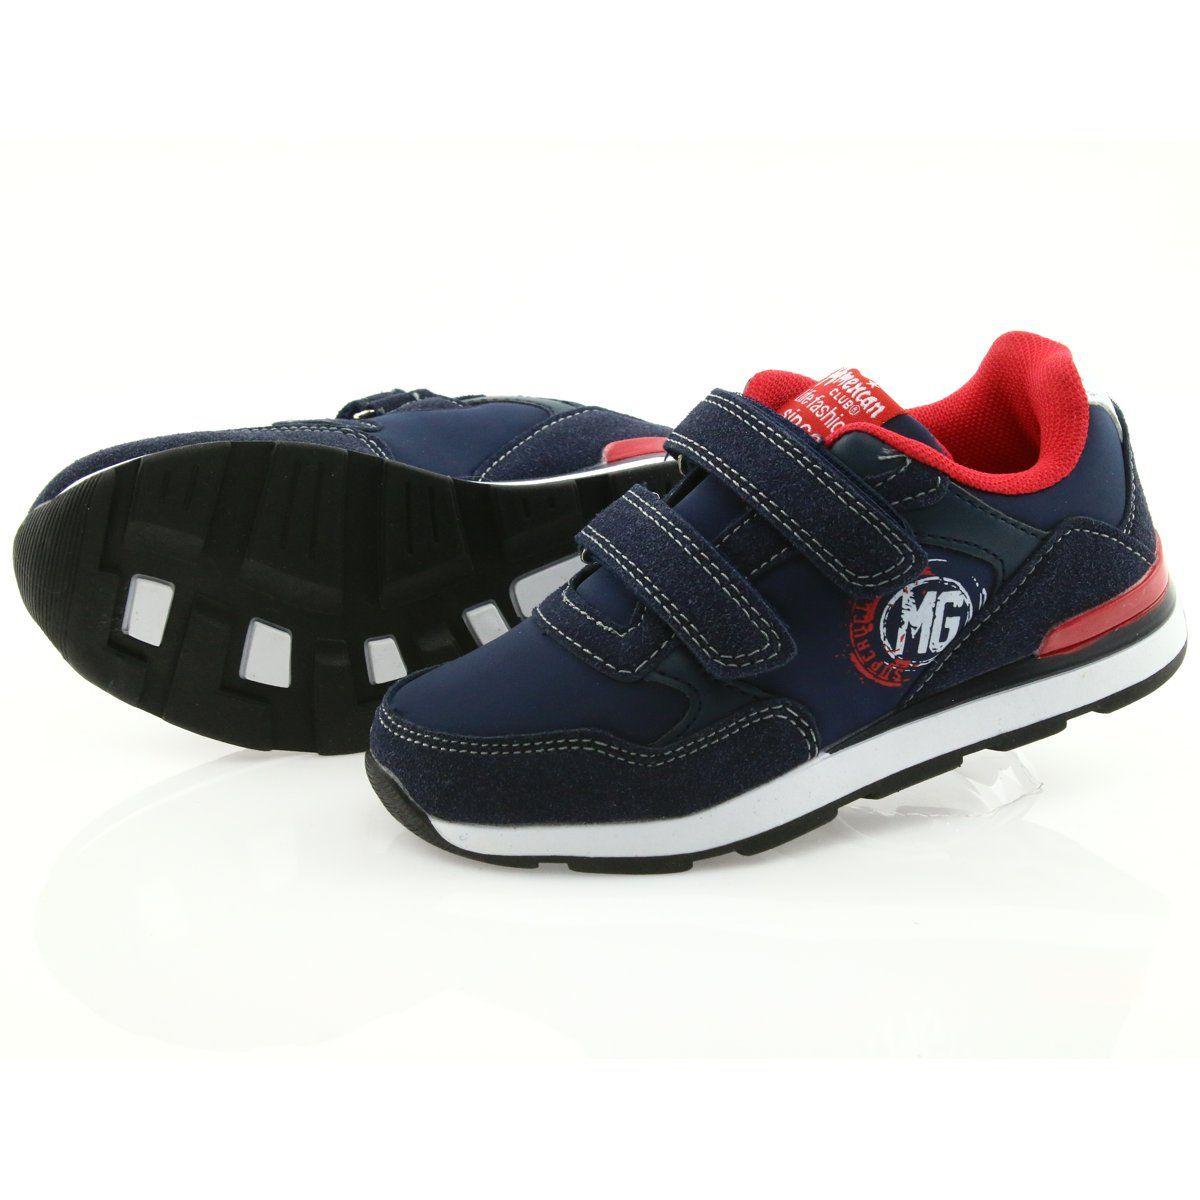 American Club Buty Sportowe Wkladka Skorzana American Bs08 Czerwone Granatowe Sport Shoes Shoes Leather